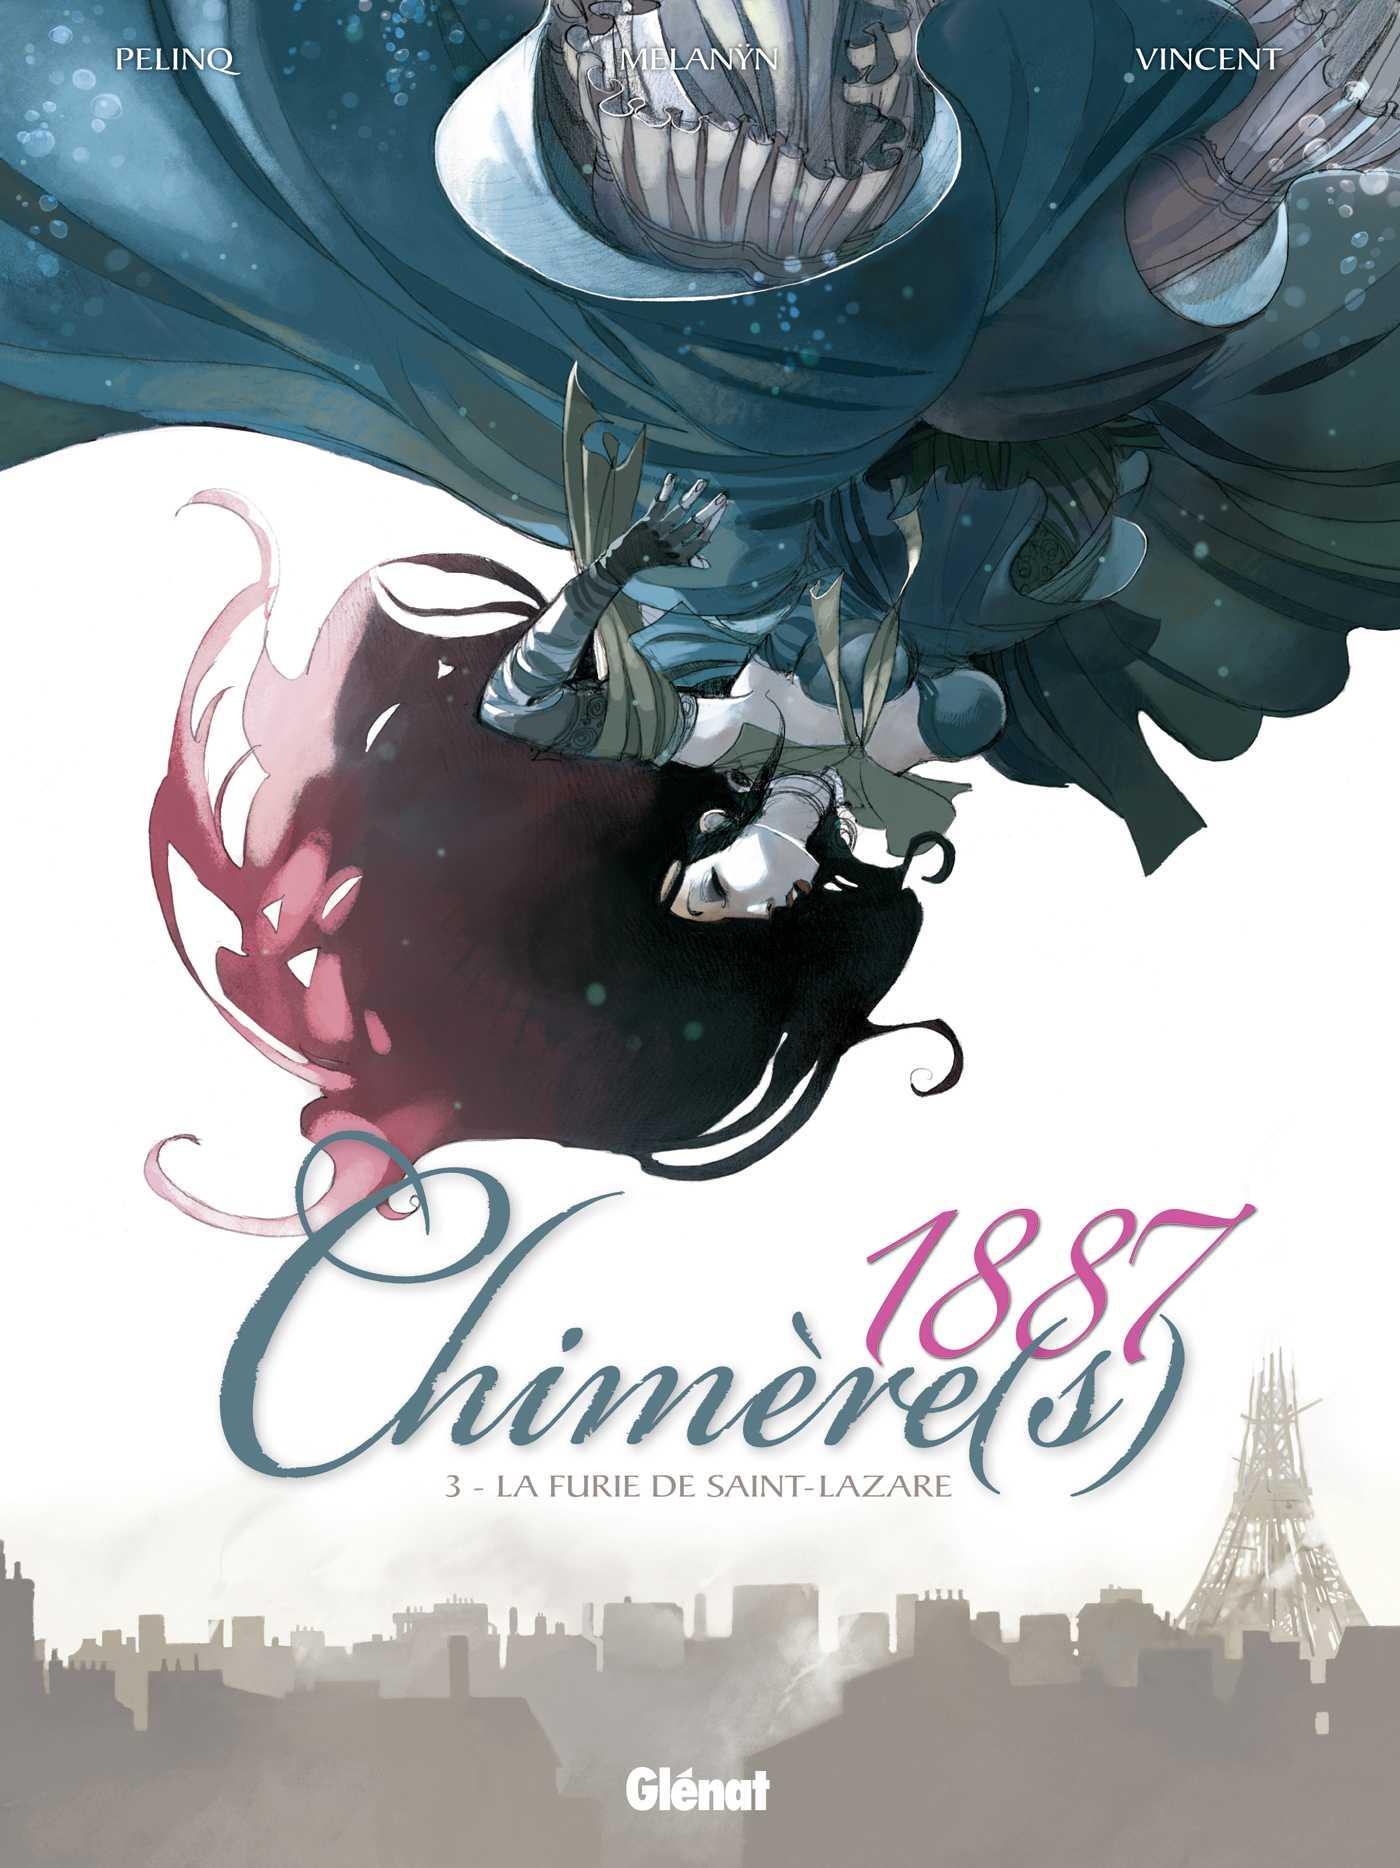 Chimère(s) 1887 T3, la fin d'un épisode mouvementé